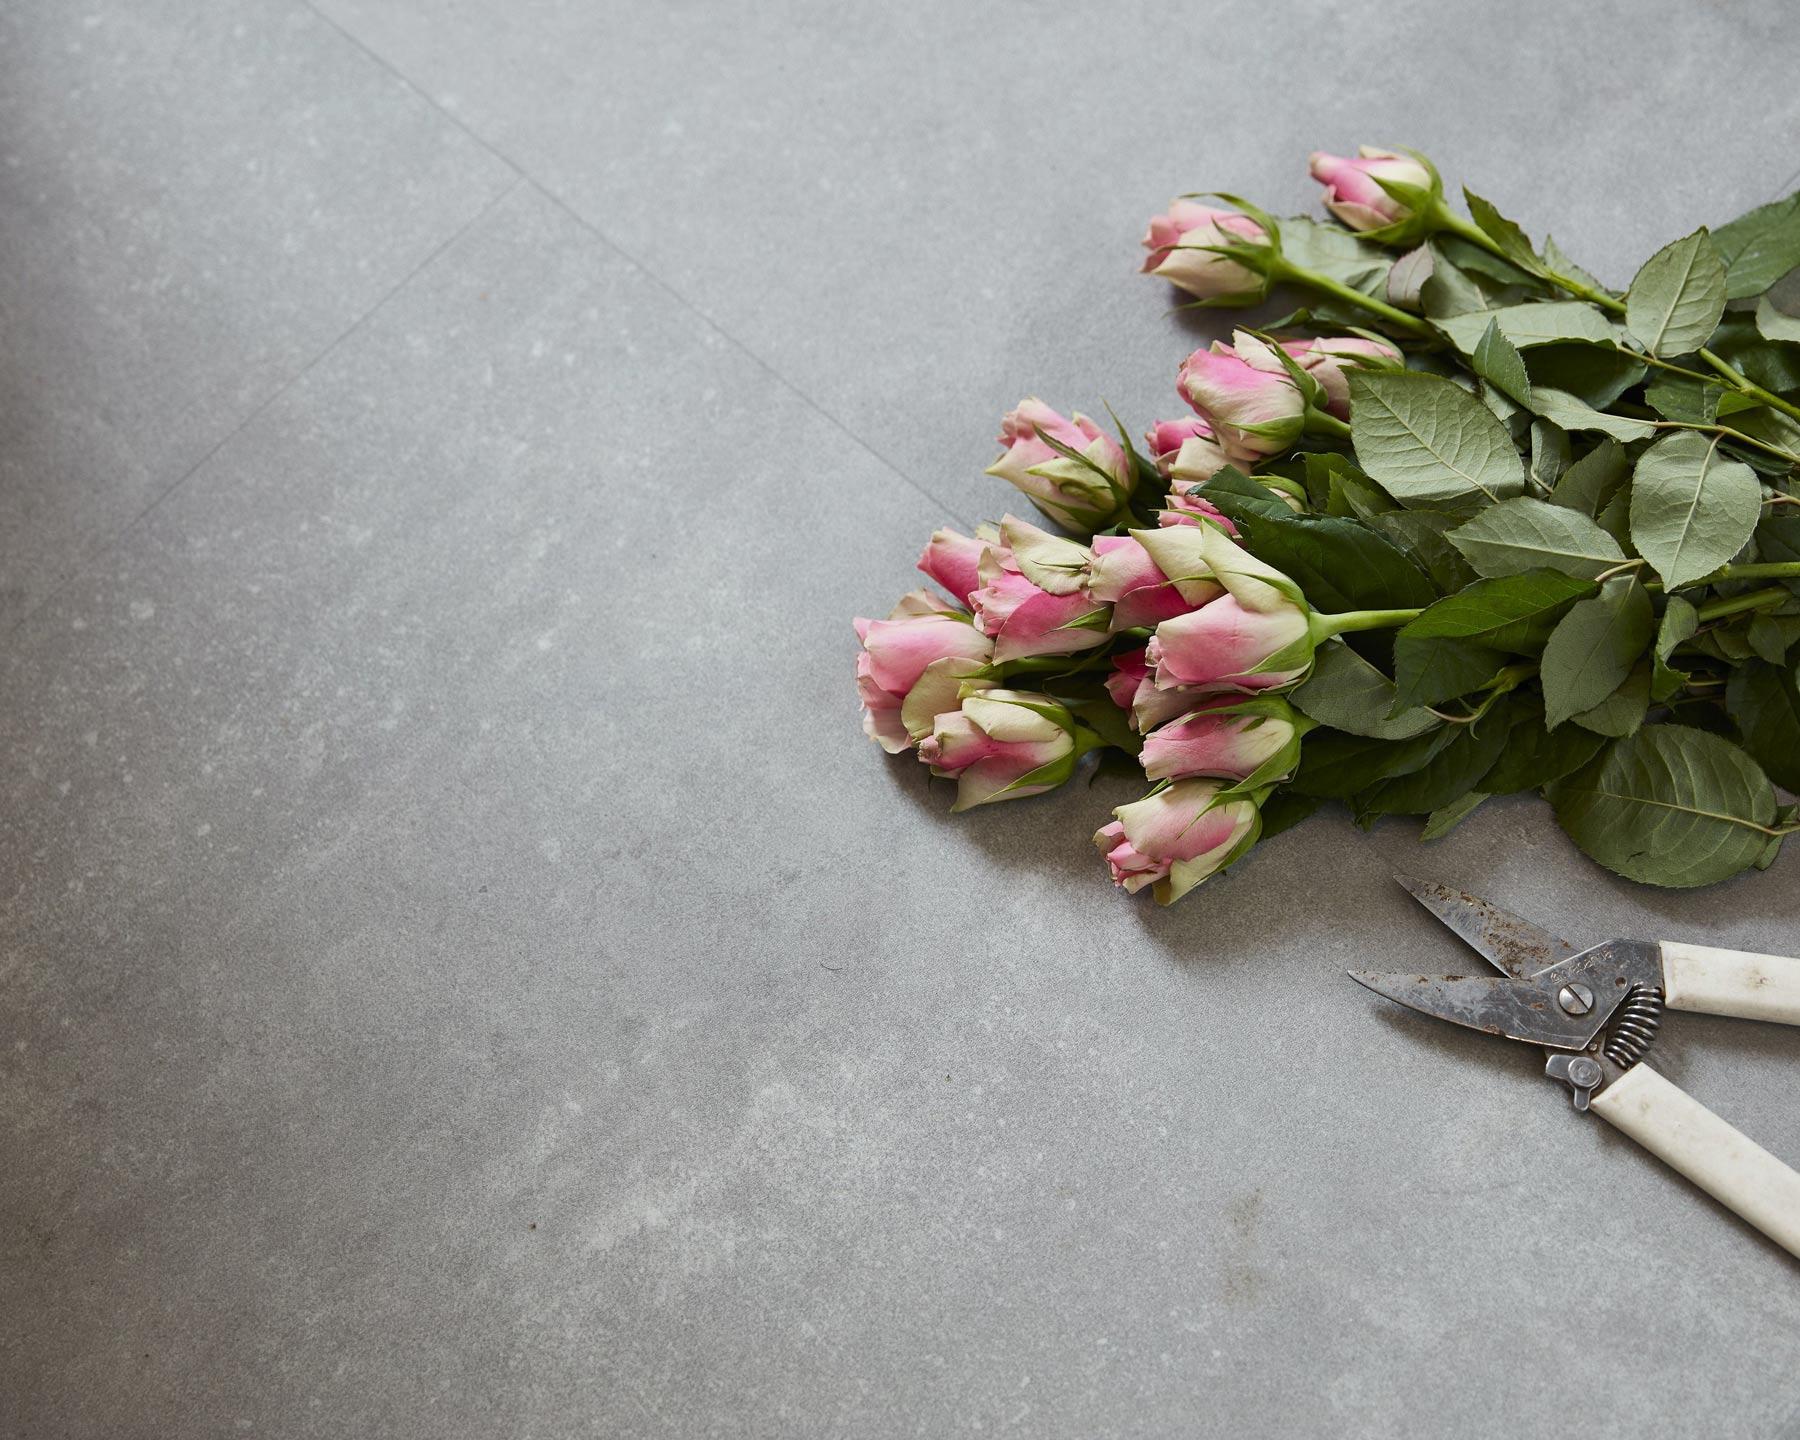 Rigid-Vinylboden - Urban Stone - Ansicht 4